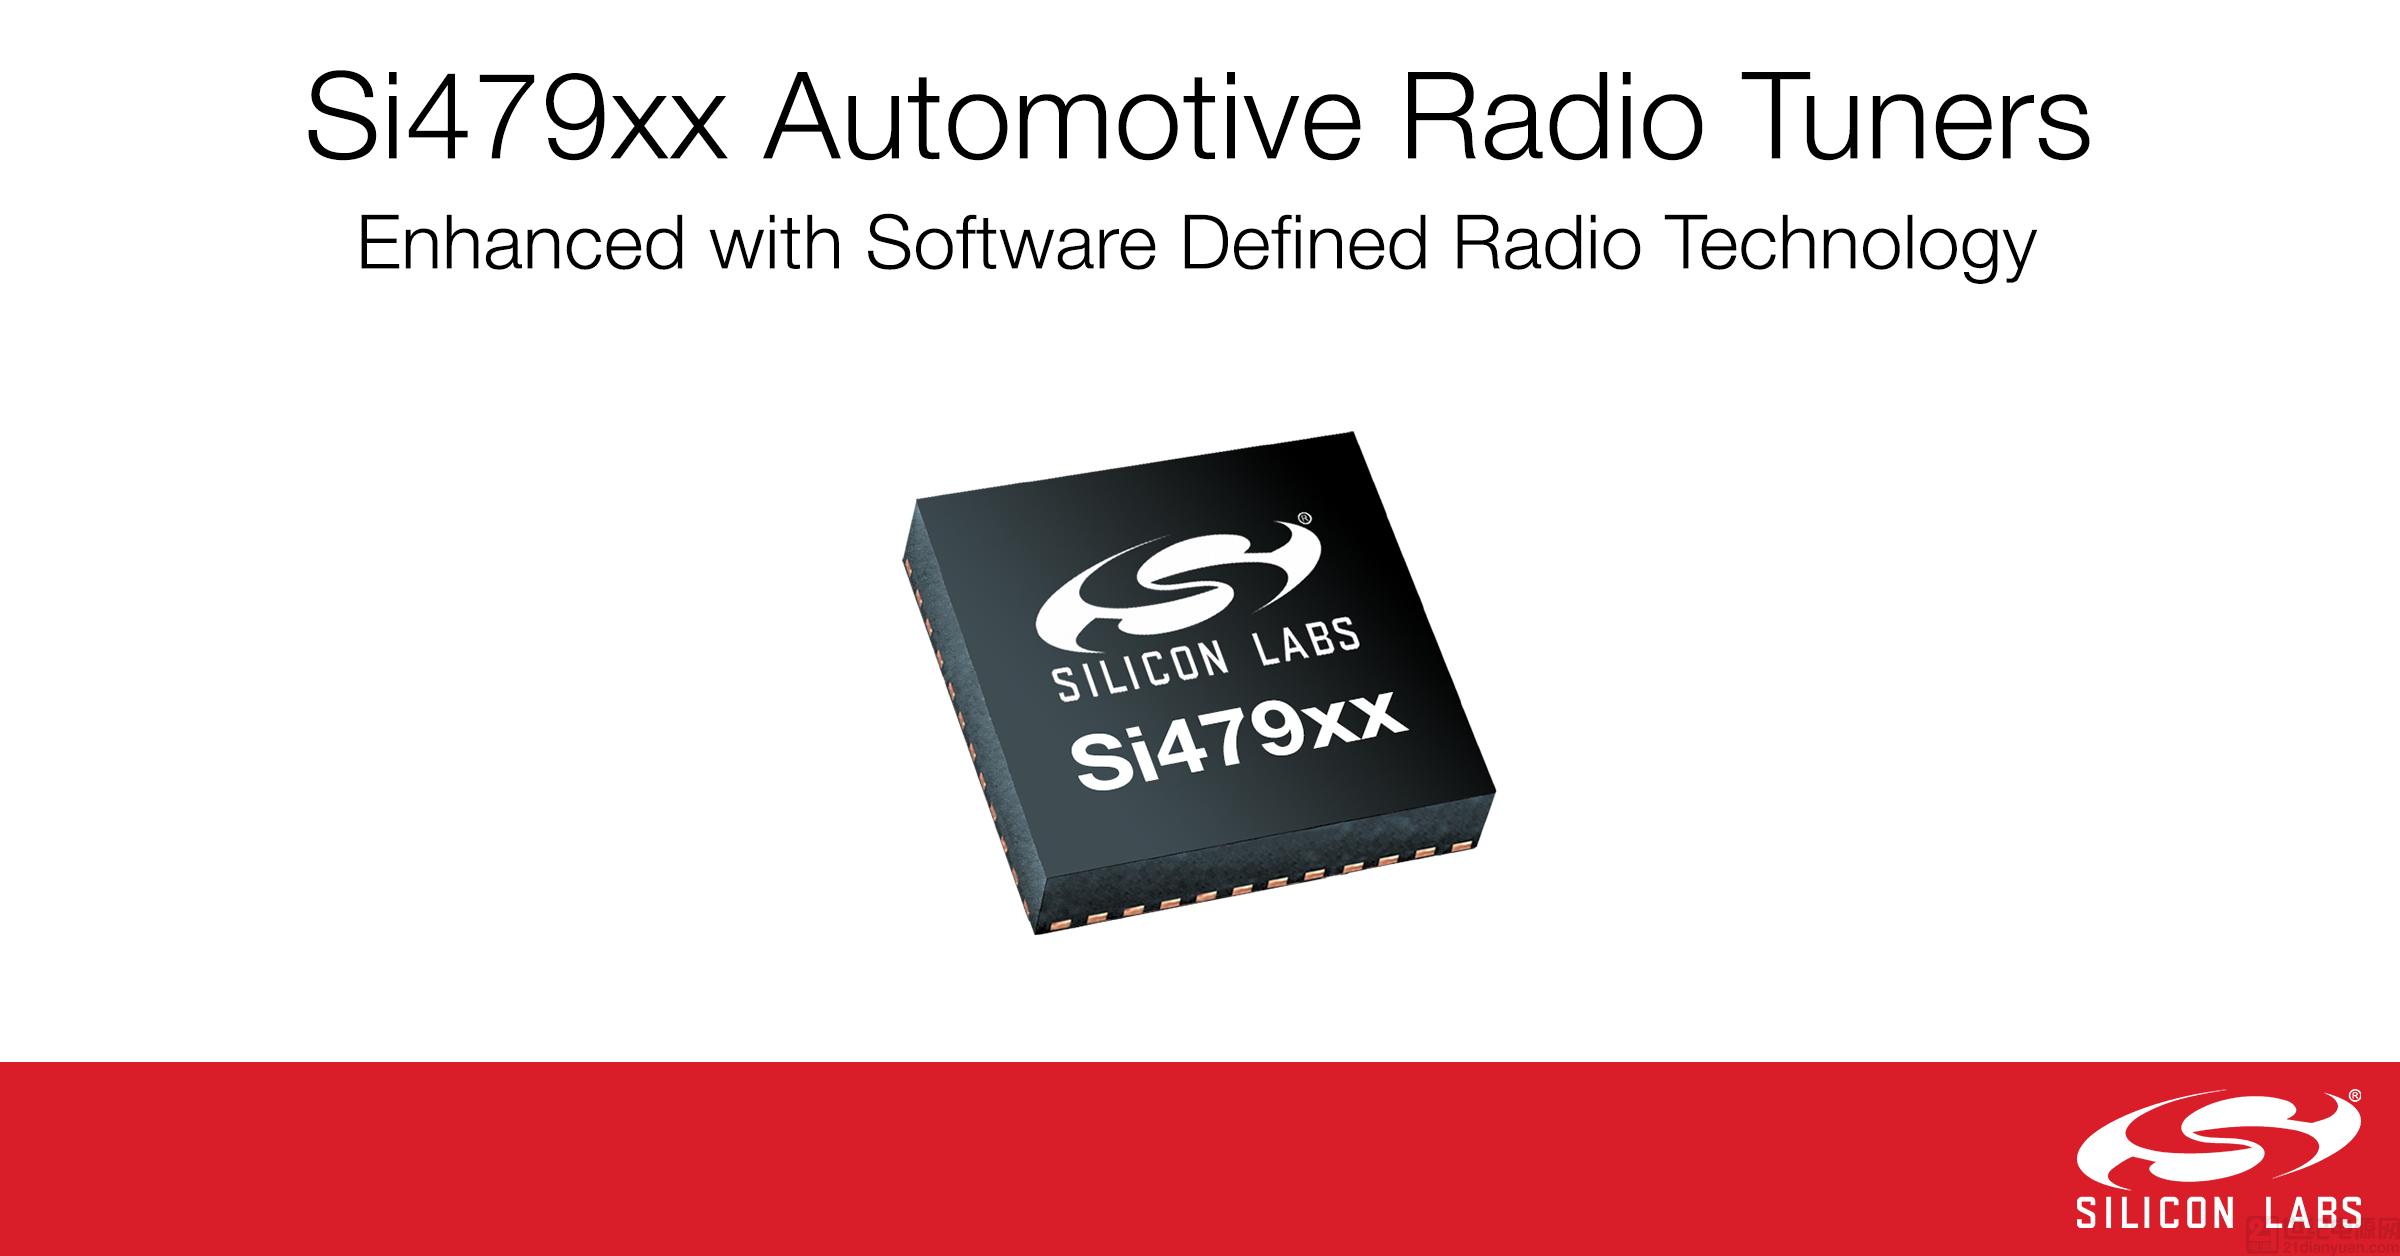 Silicon Labs 利用軟件定義無線電技術提升廣受歡迎的 Si479xx 汽車調諧器系列產品